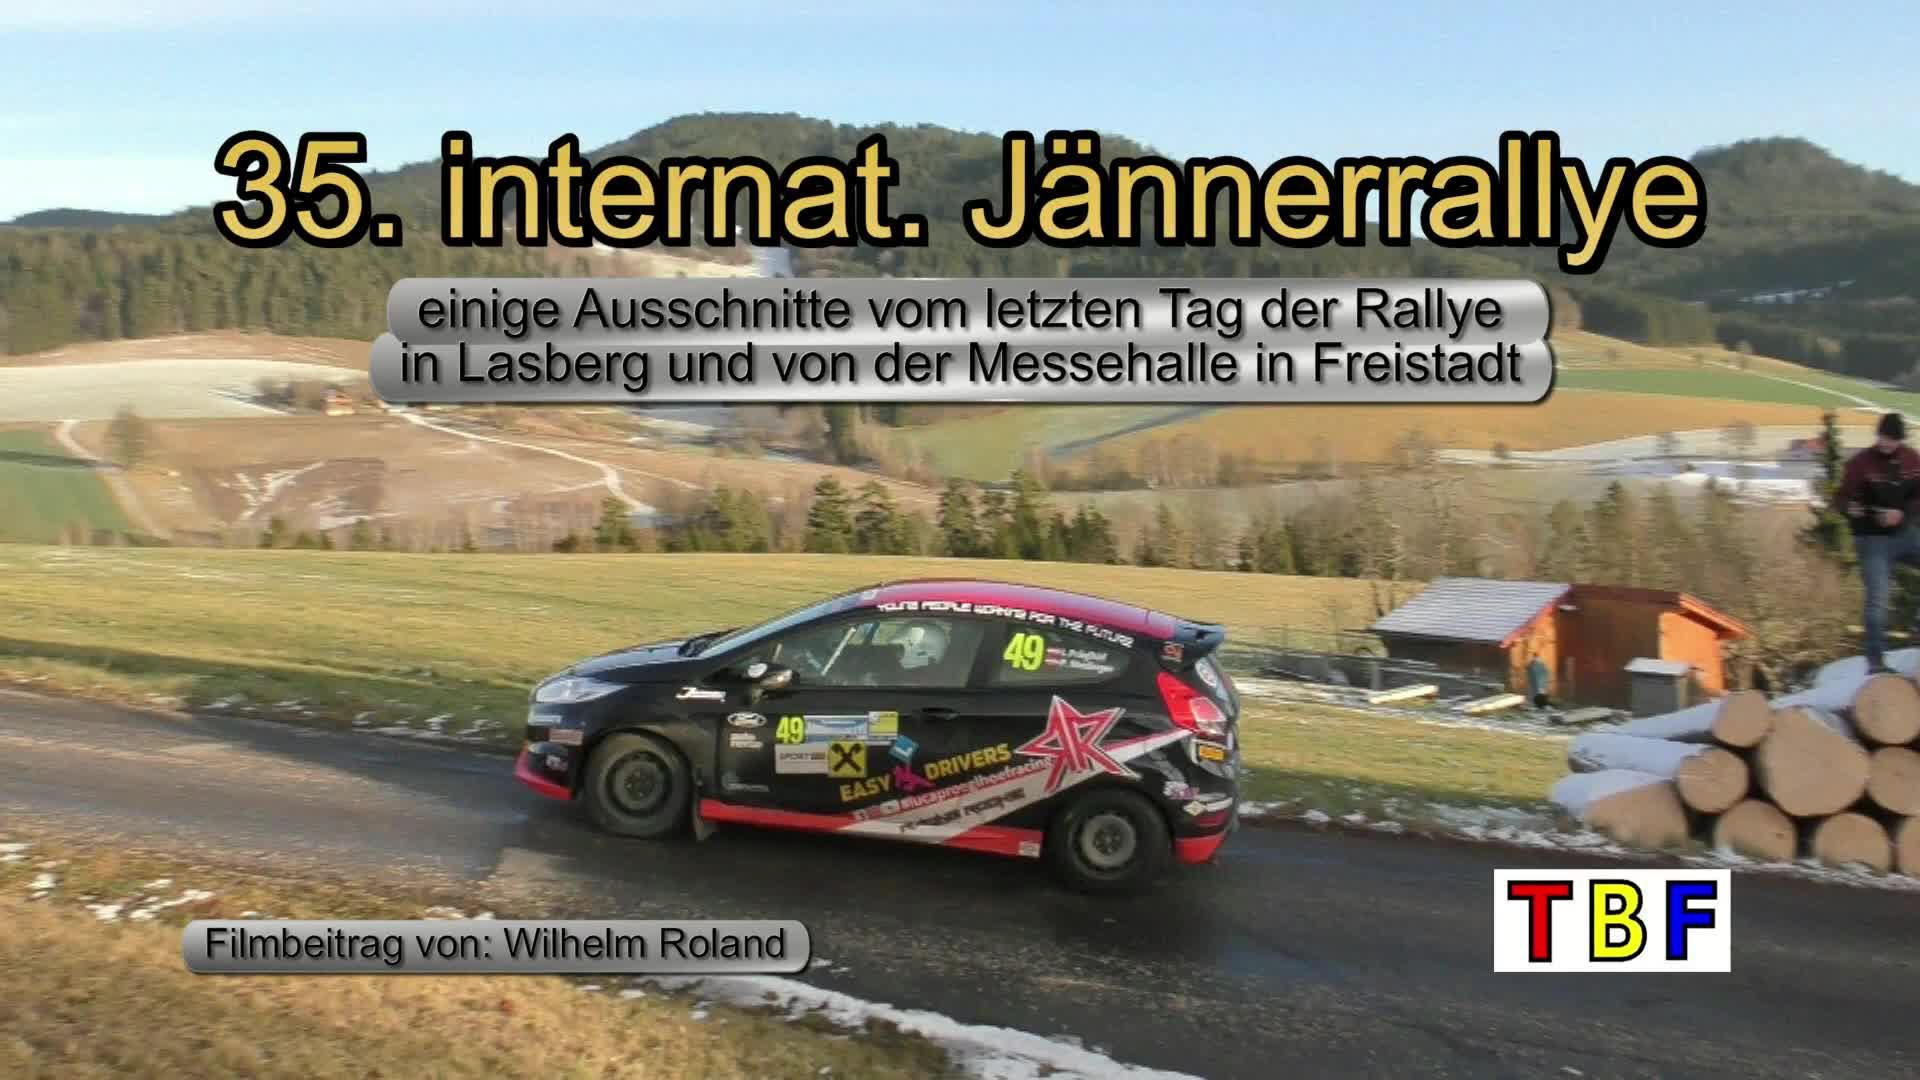 Jaennerrallye 2020 Auschschnitte von Lasberg und dem Messezentrum Freistadt